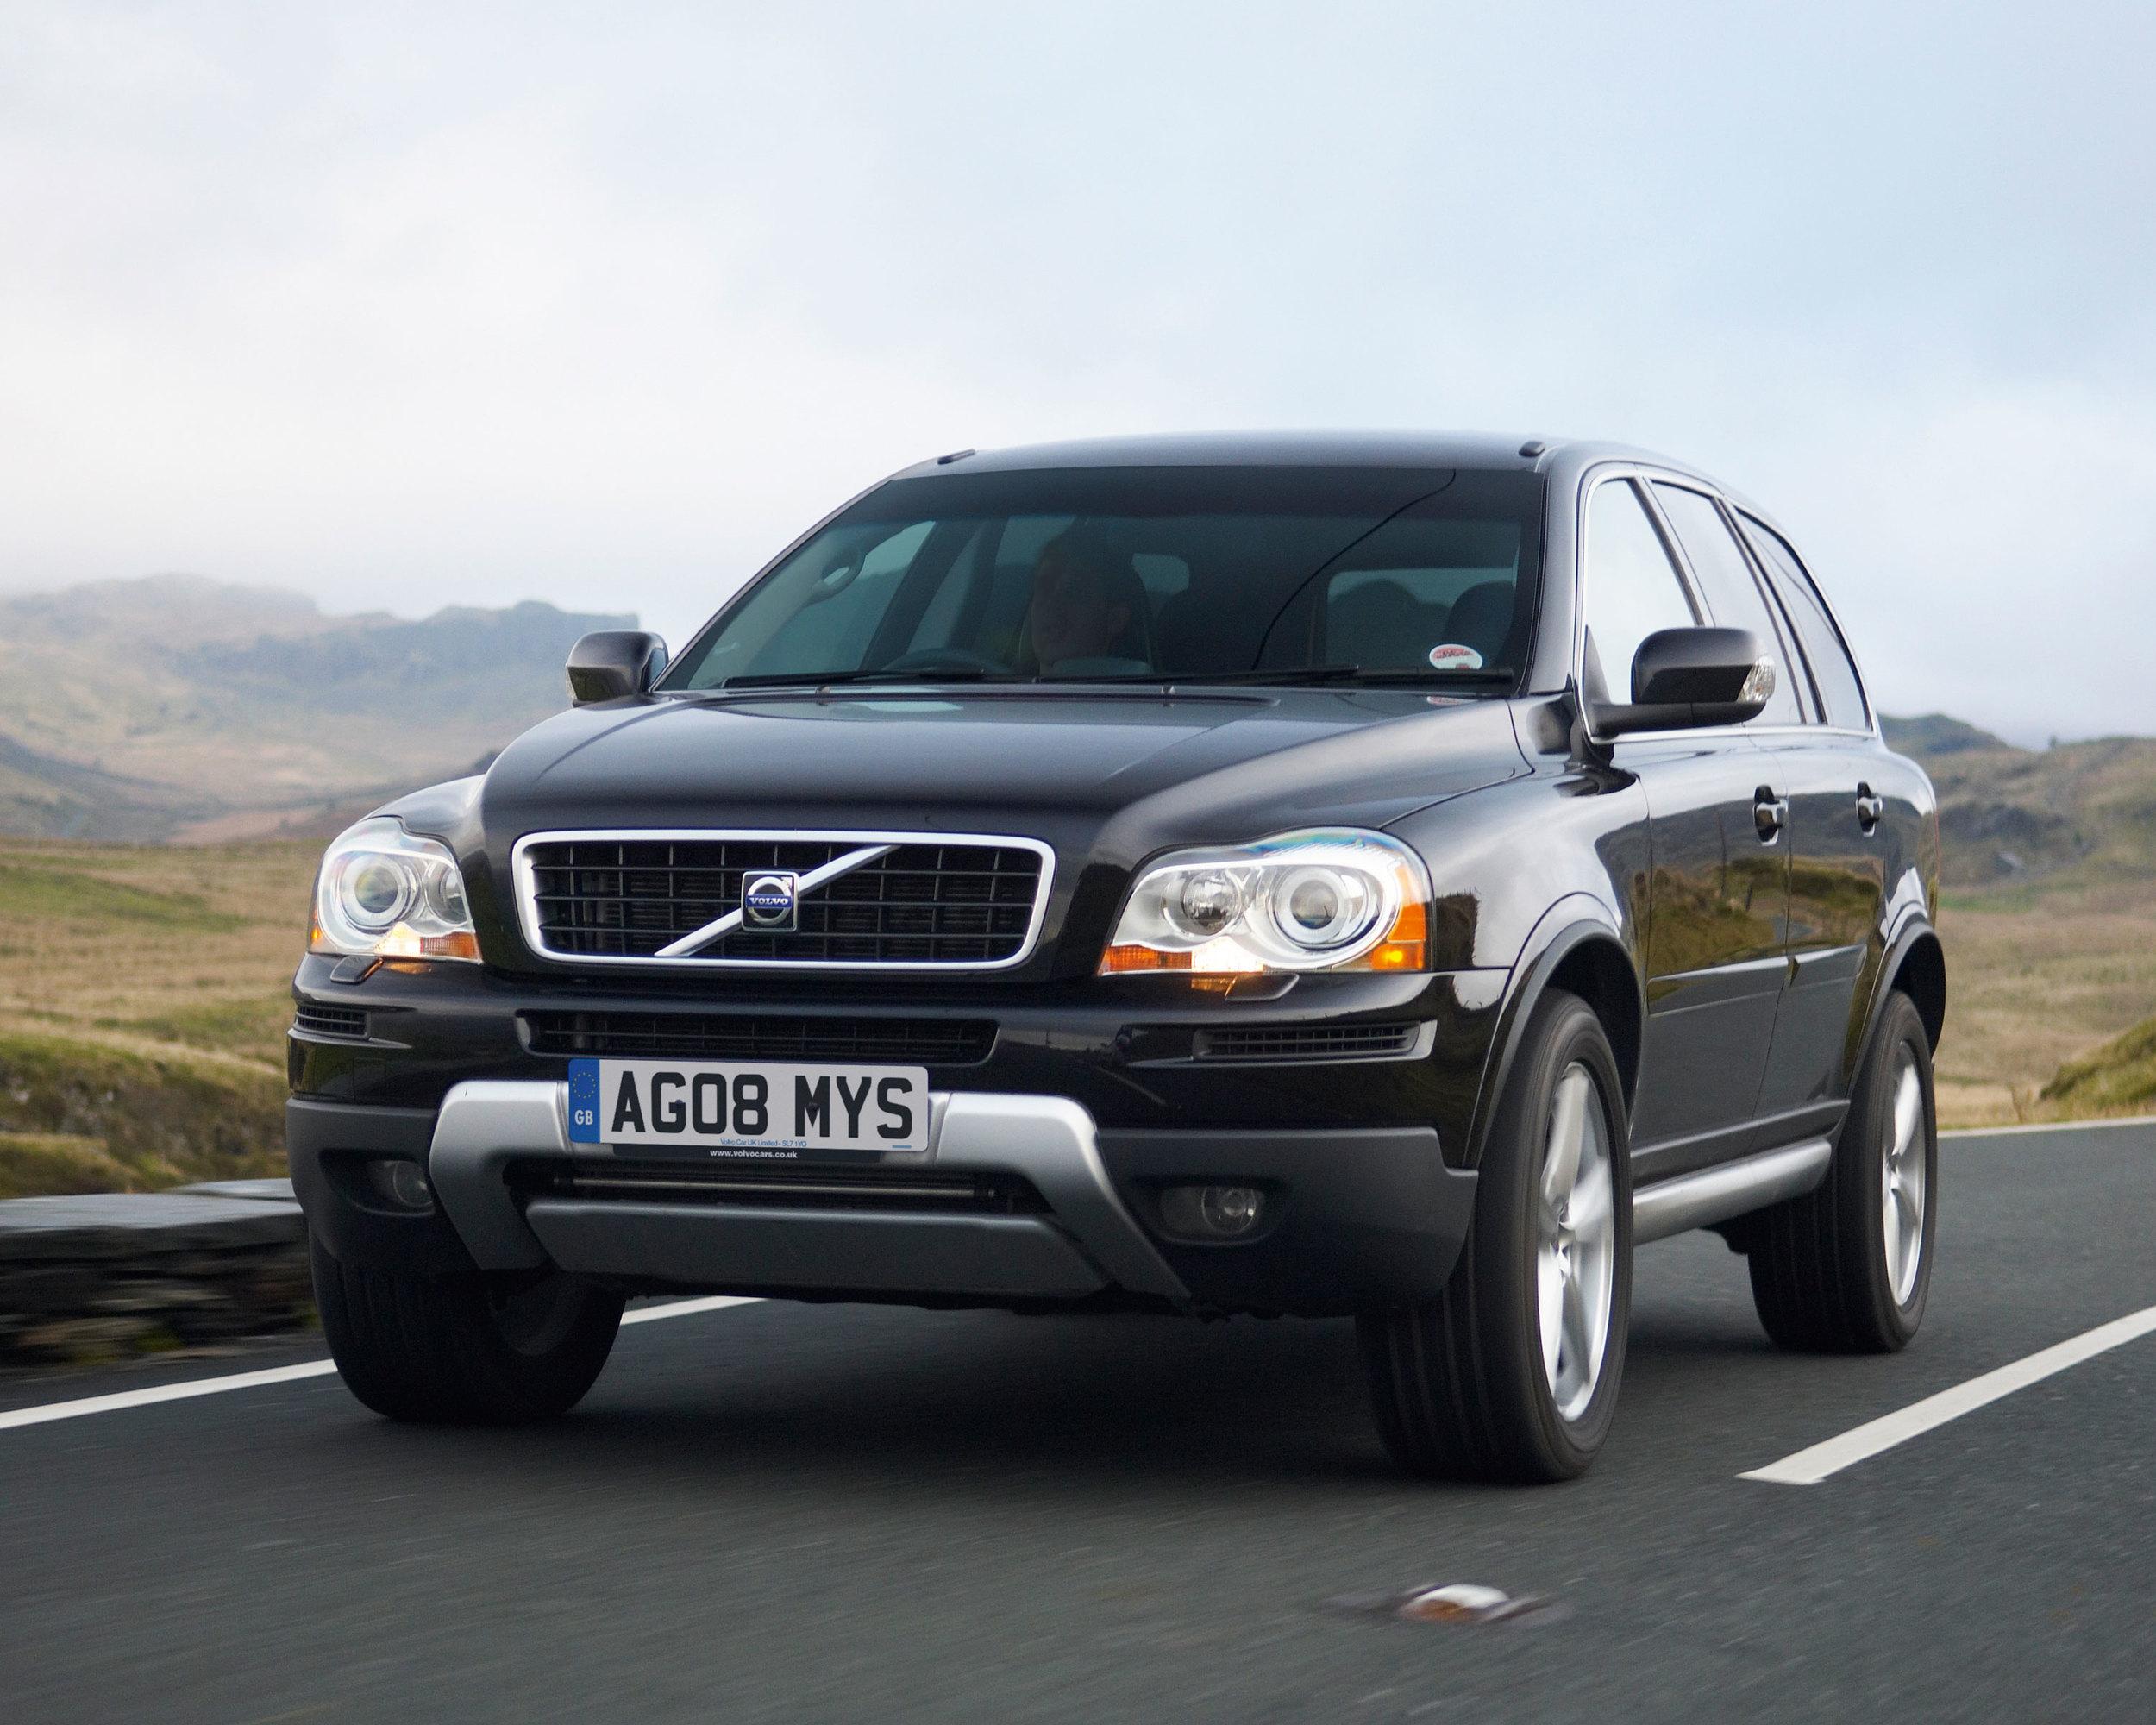 Volvo XC90 Mk1 (2002-2015)